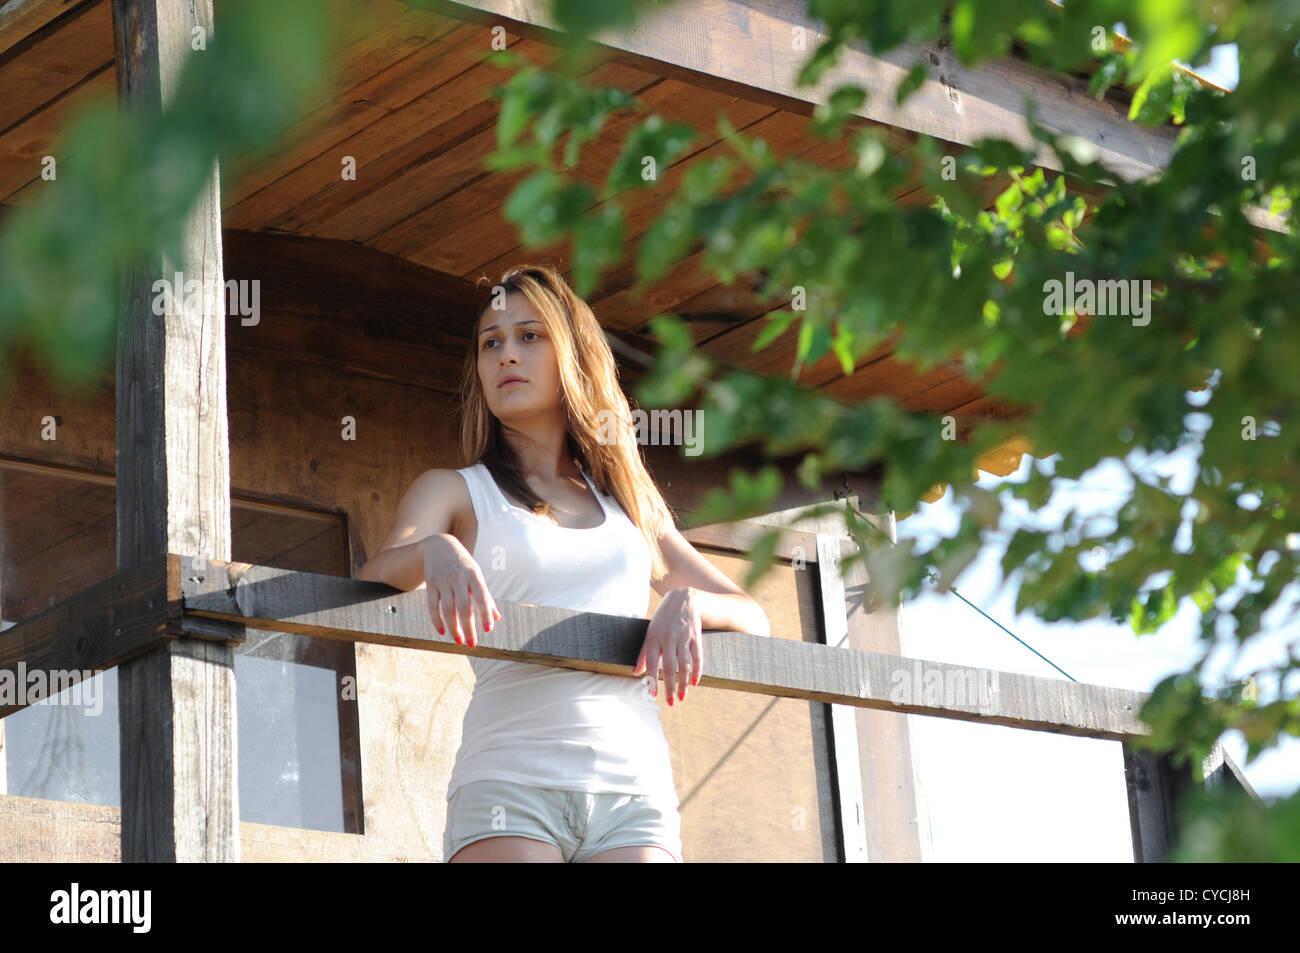 Mujer en el balcón de una casa de madera. Imagen De Stock